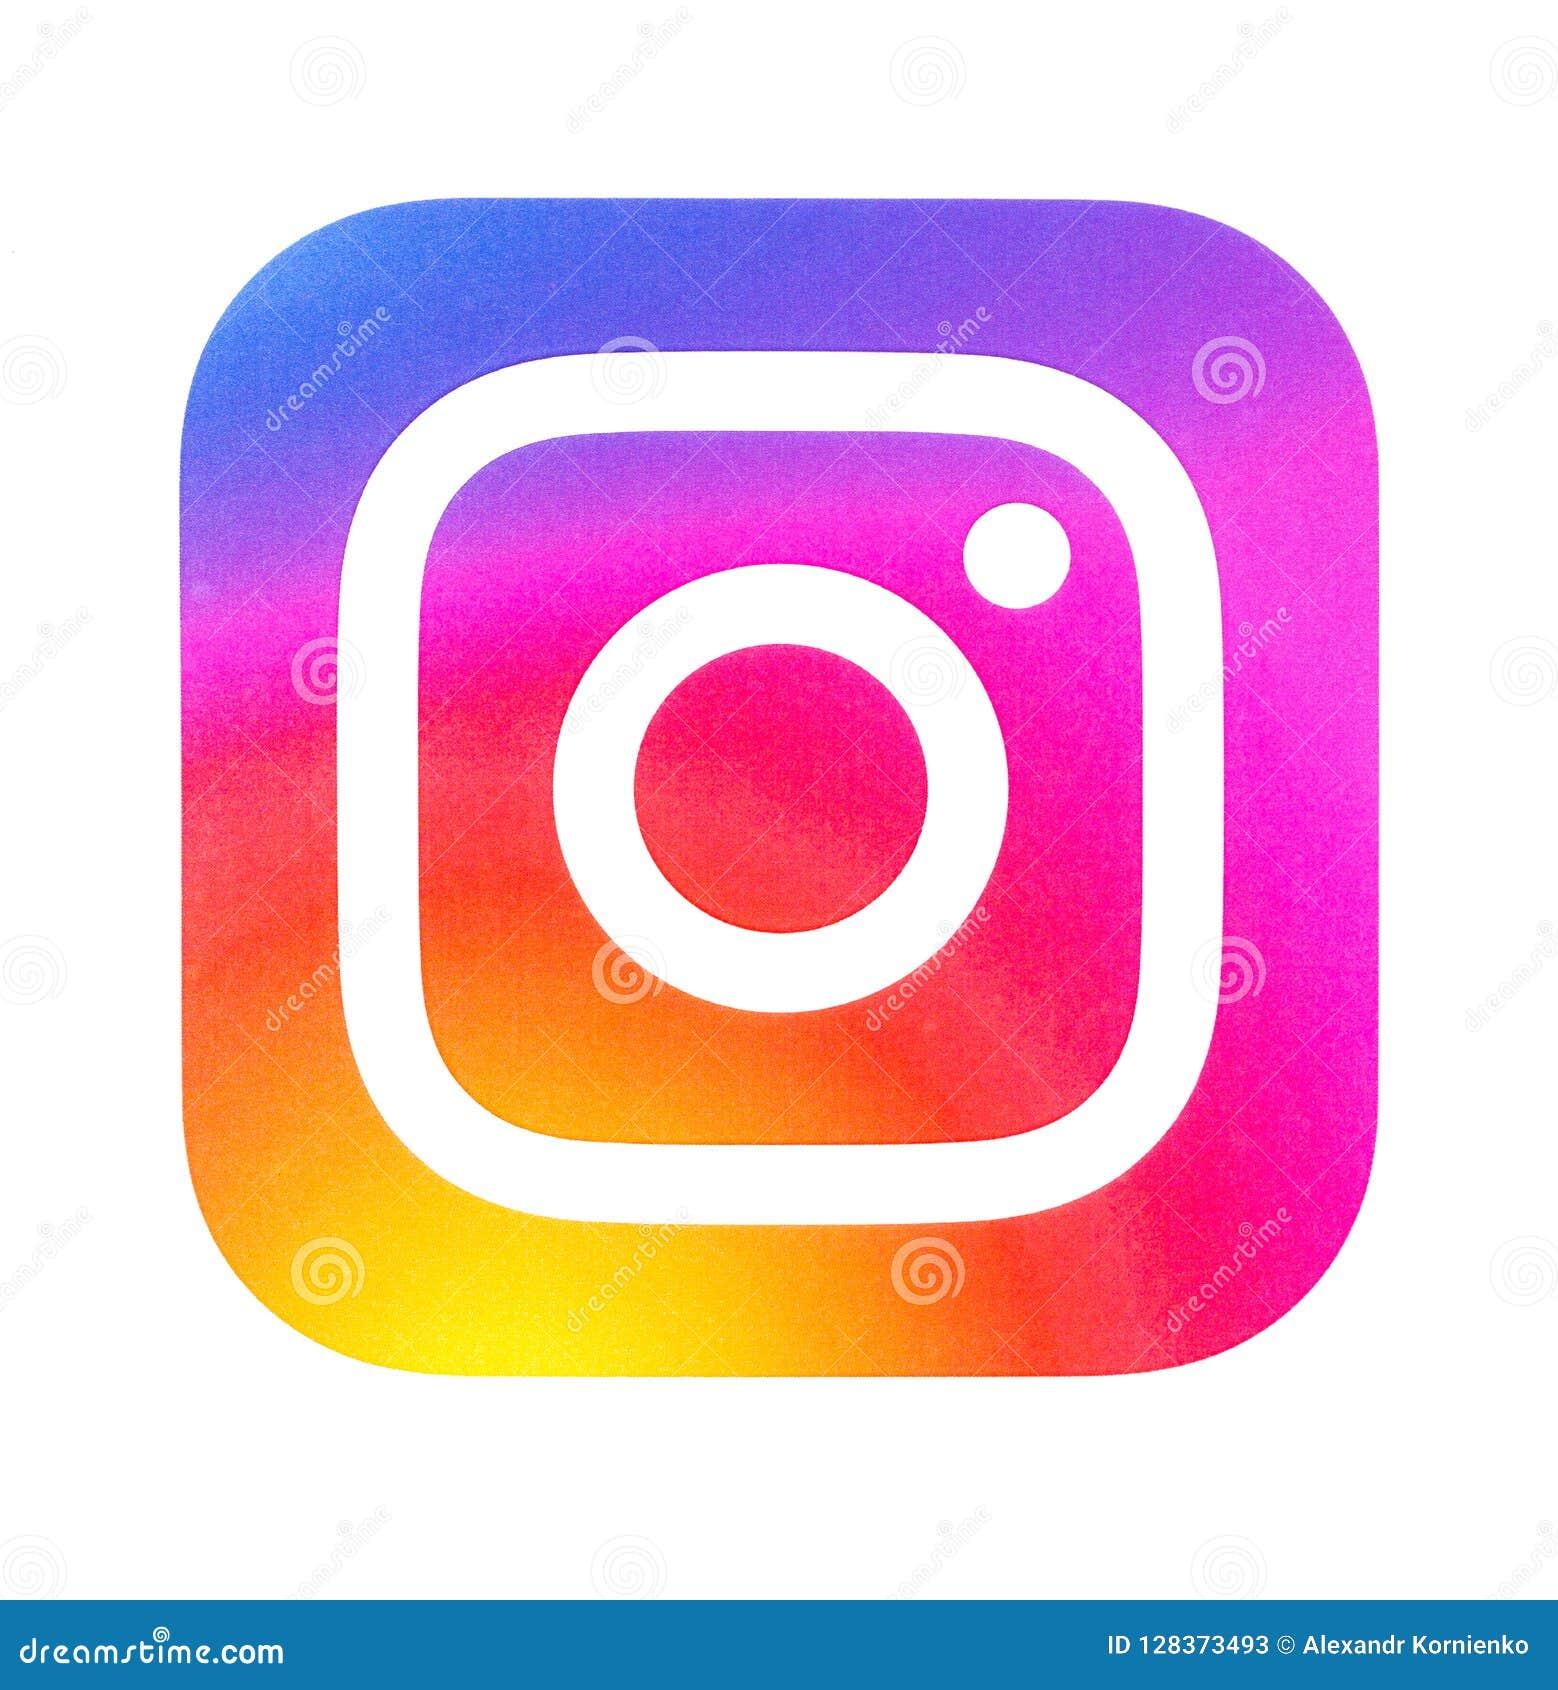 Nuovo logo di Instagram